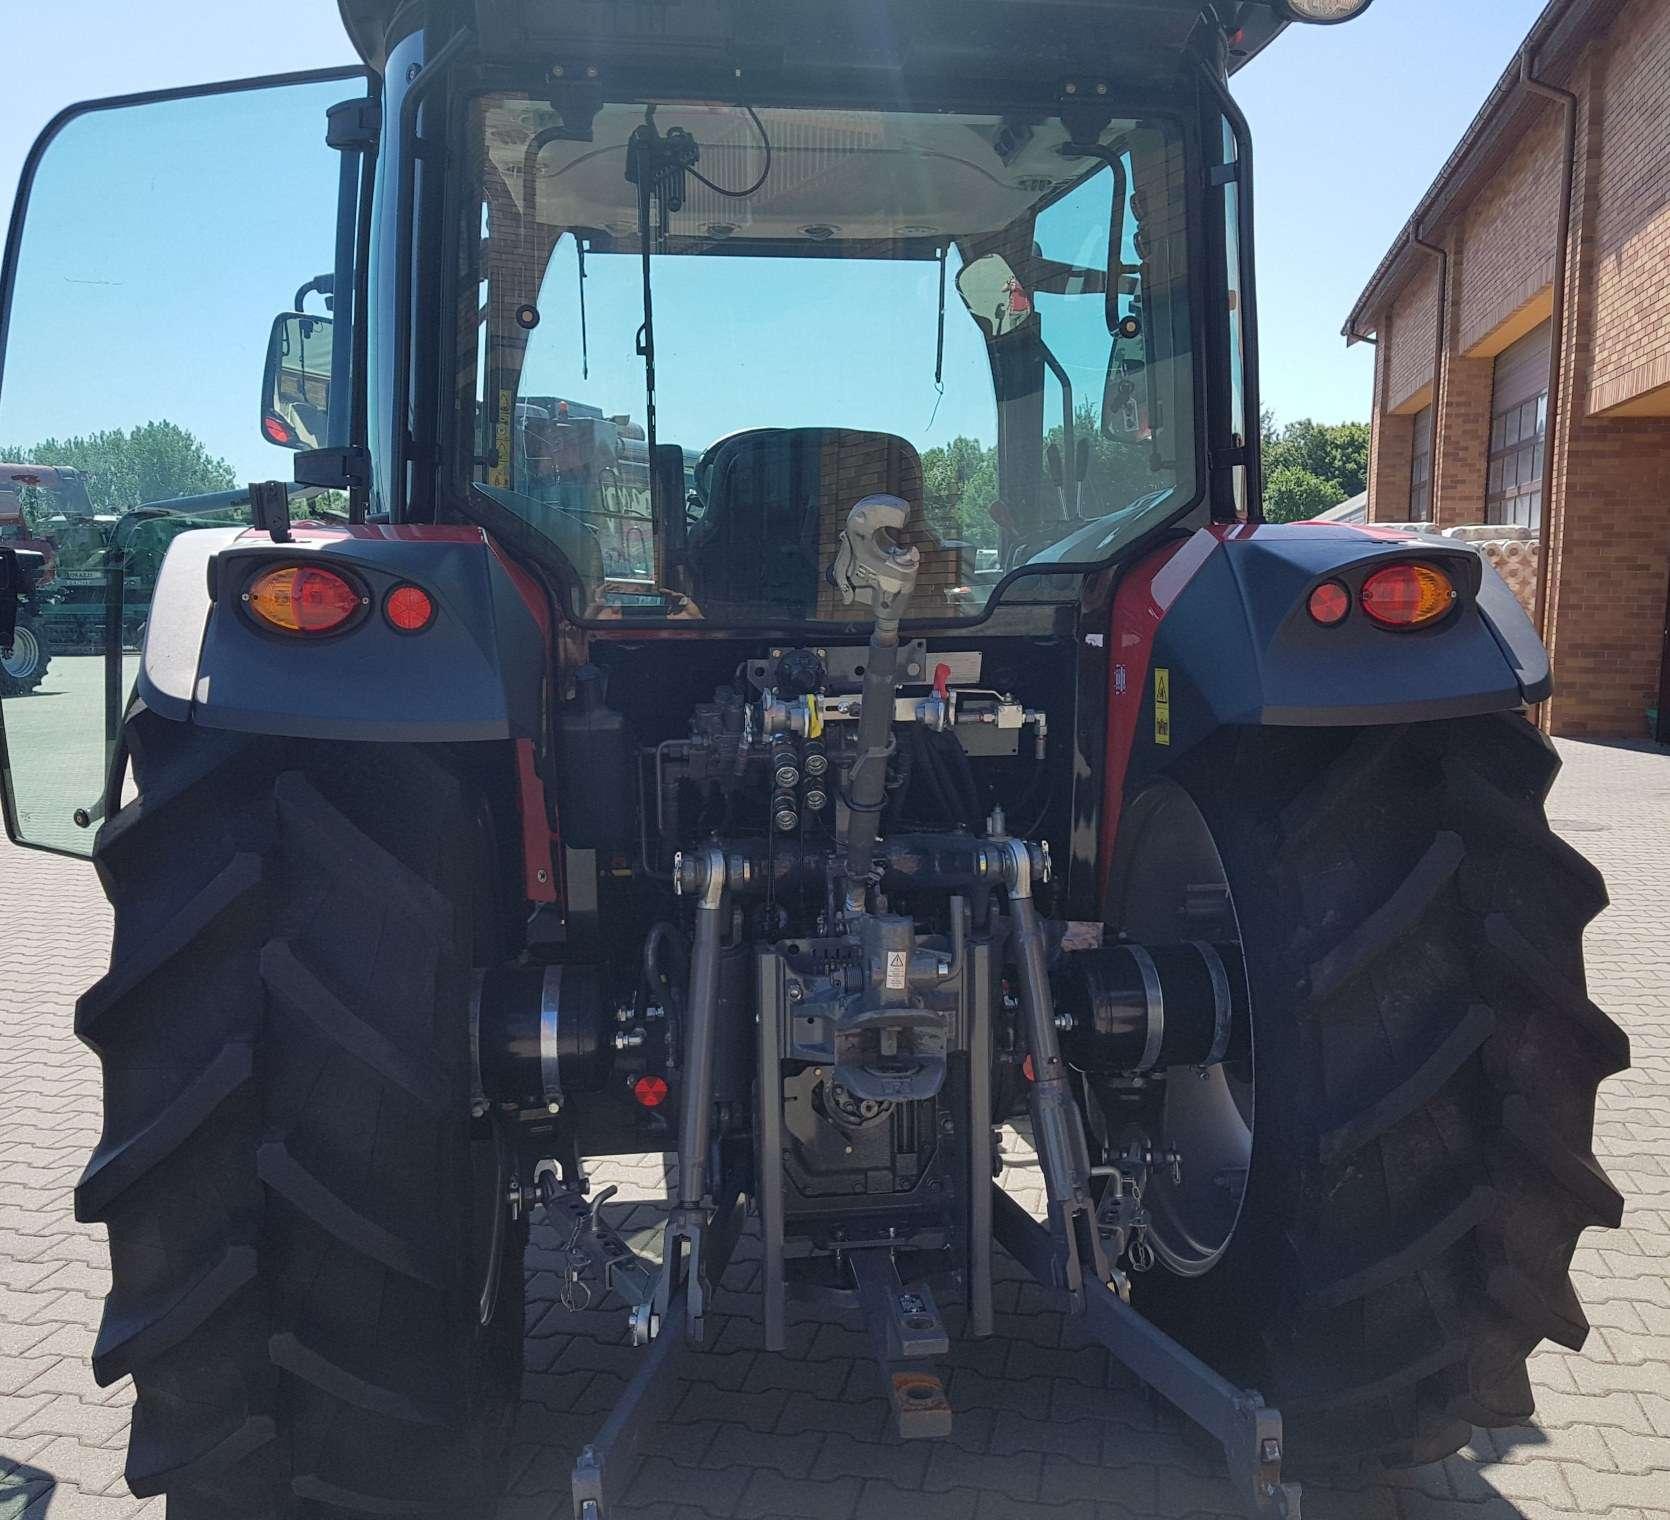 Podnośnik oświetlenie tylne kabina od tyłu tylne koła w traktorze Massey Ferguson 4709 Tier 4F